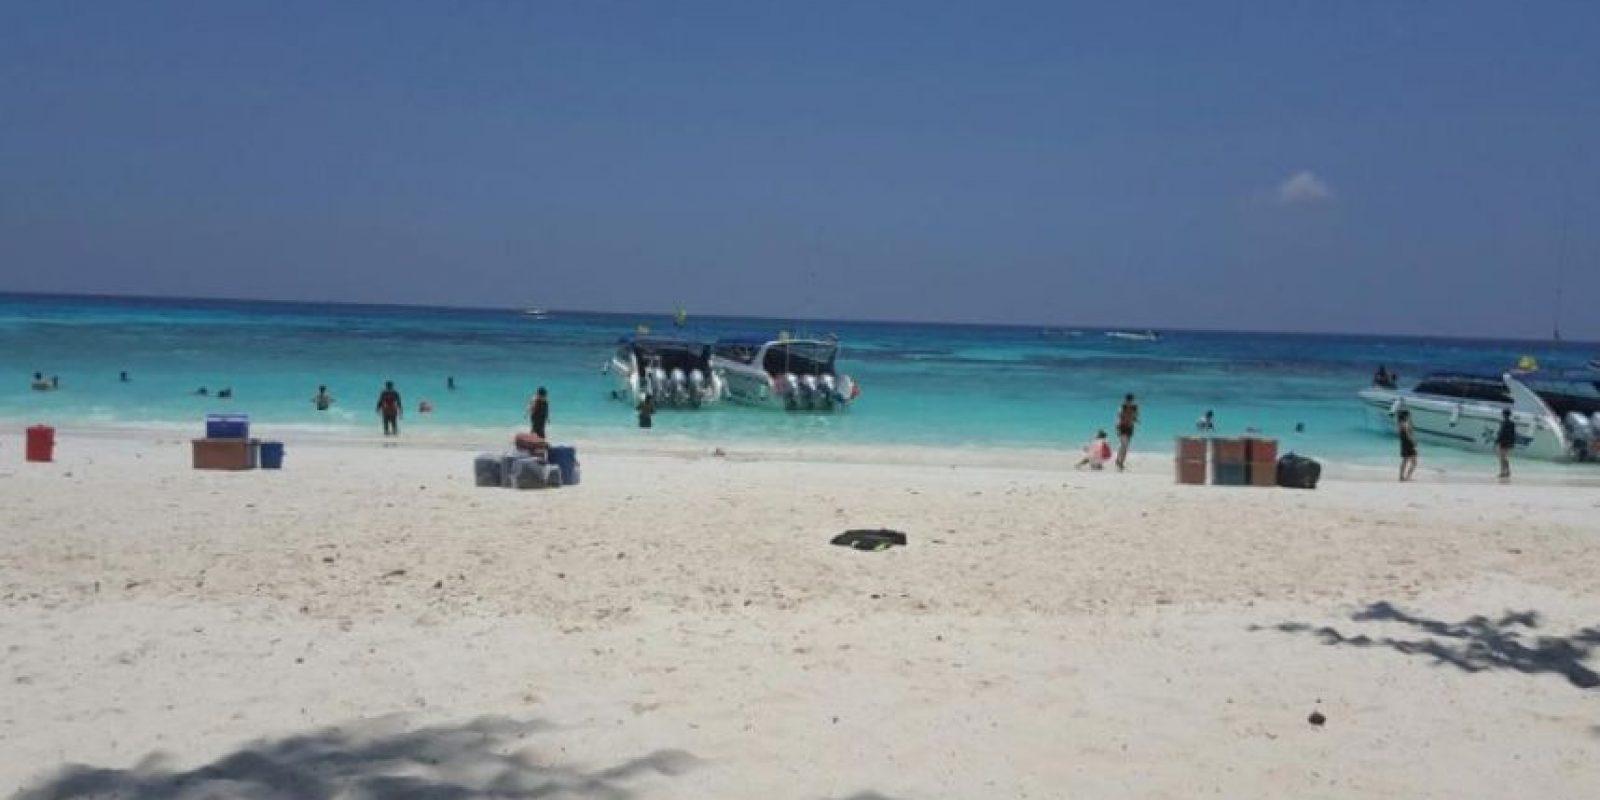 Así lucen las playas en la isla de Koh Tachai. Foto:tripadvisor.com